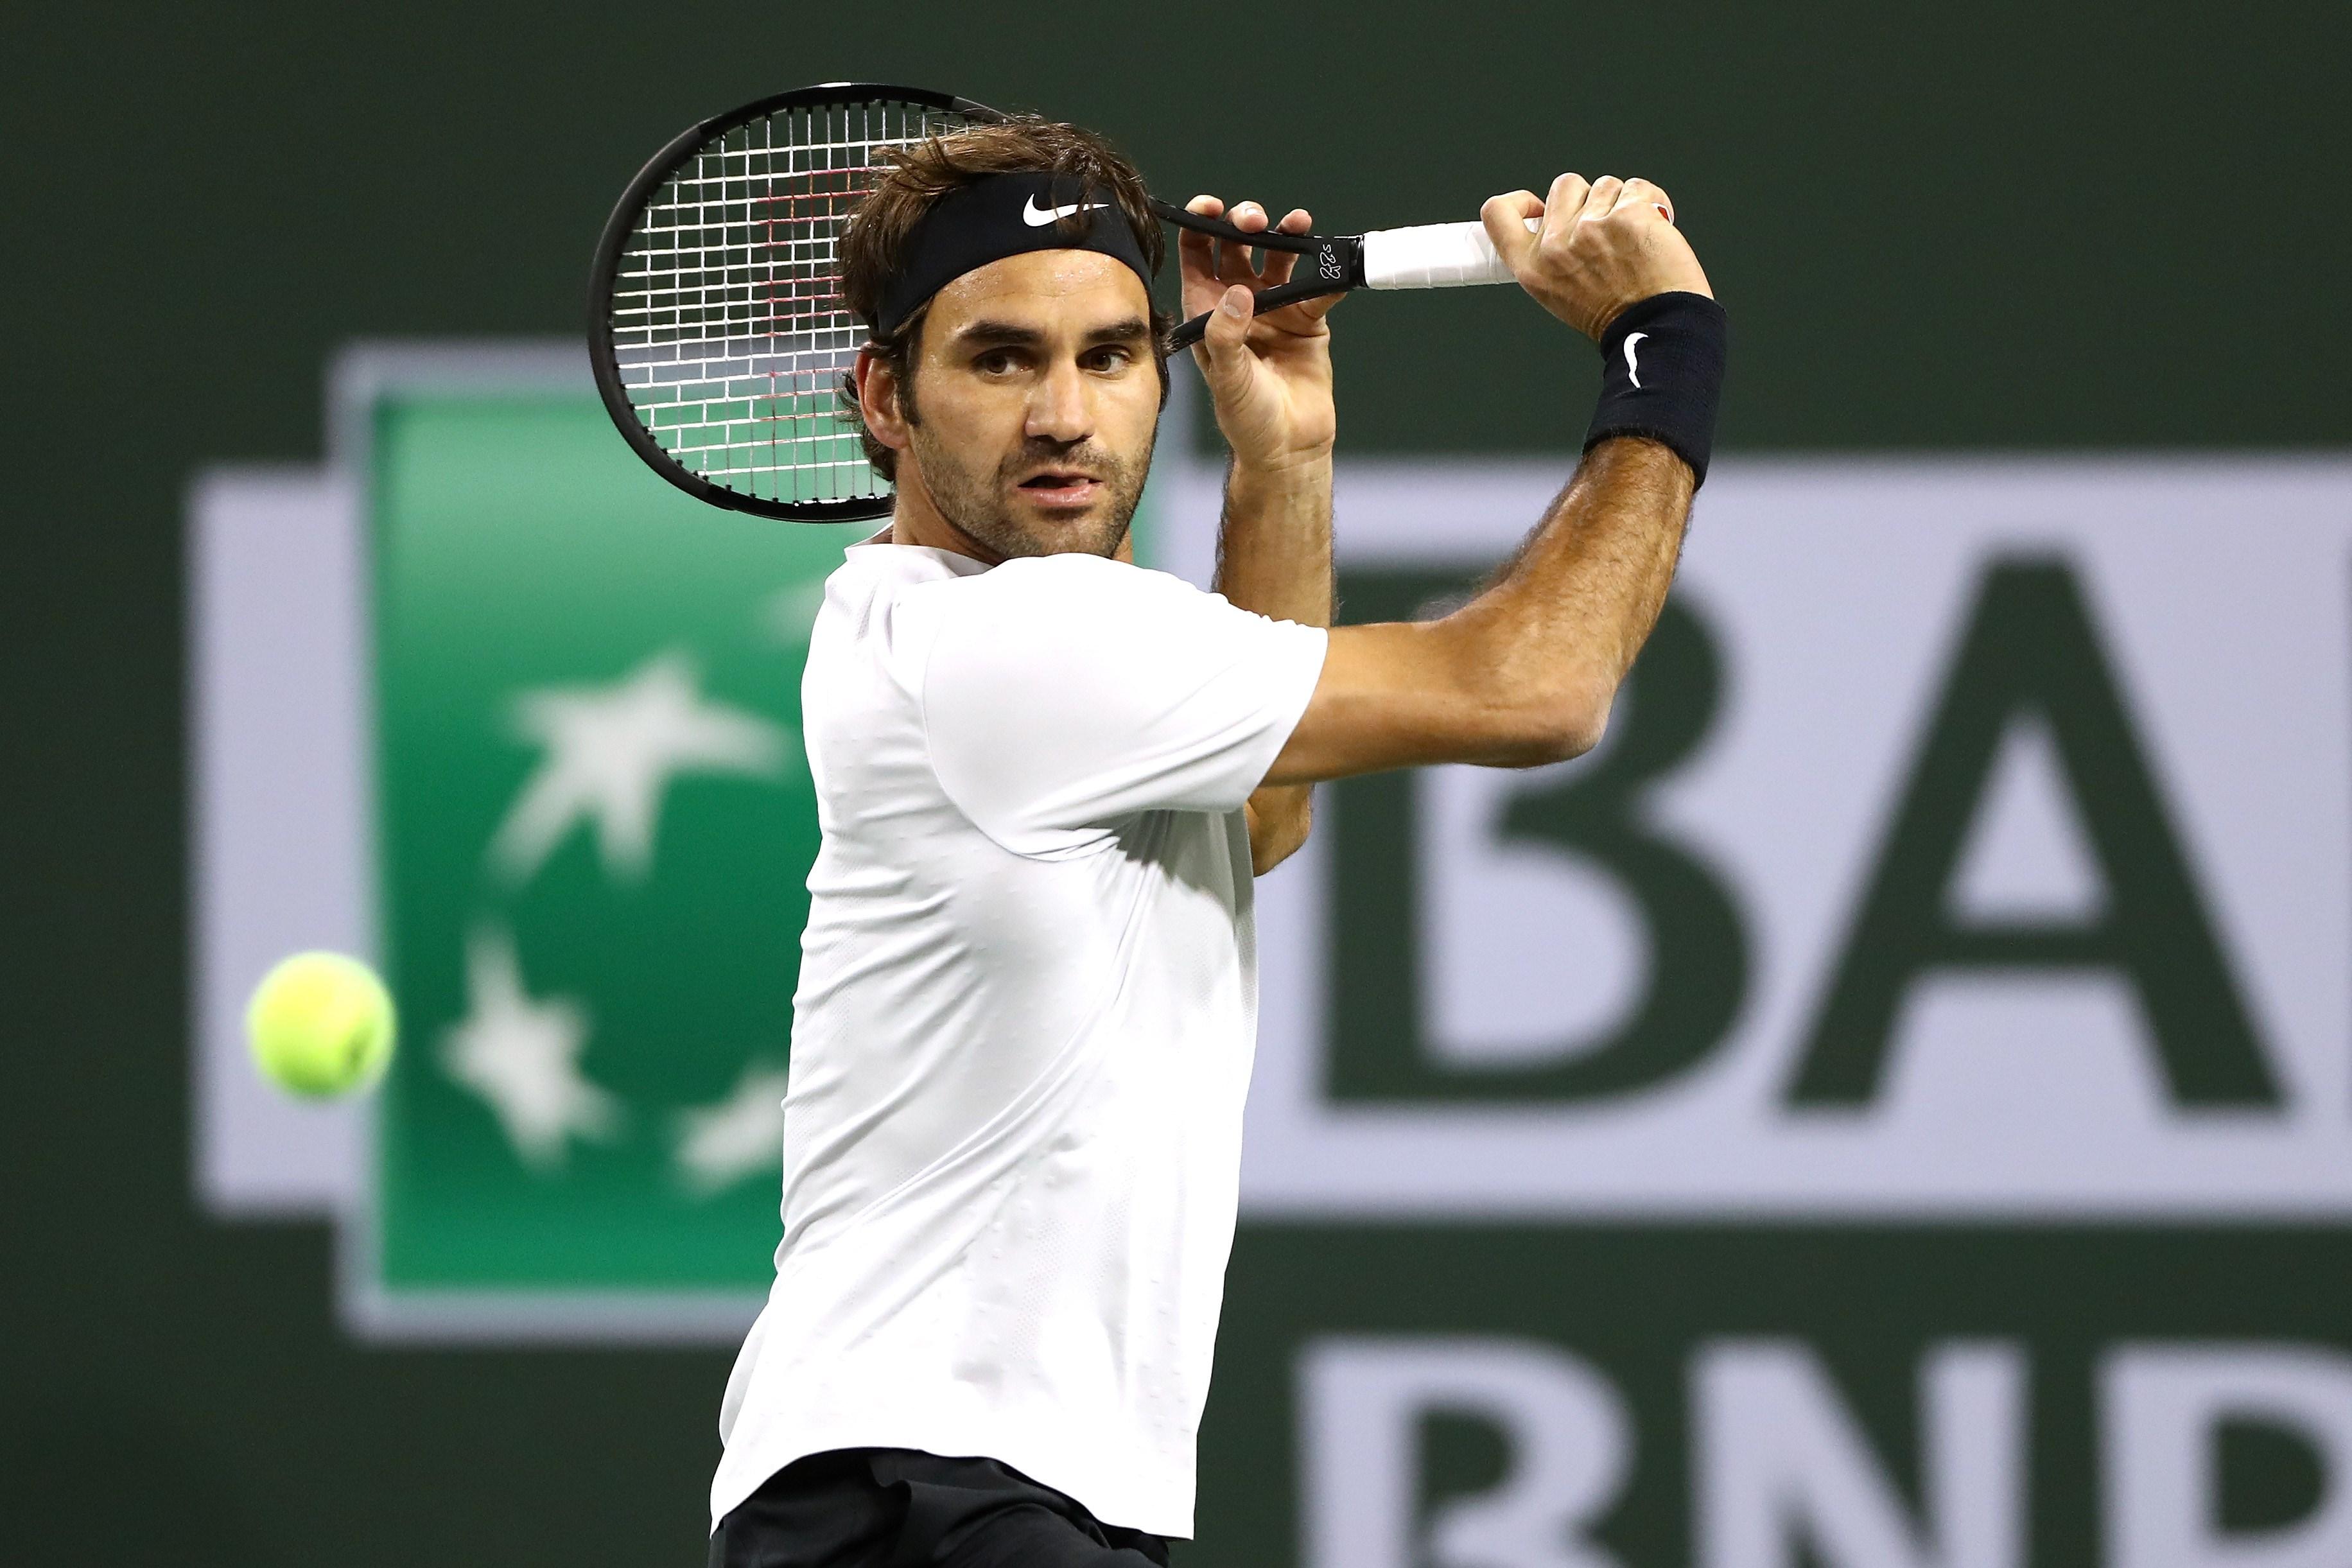 Tennis - ATP - Indian Wells: Federer-Coric en direct